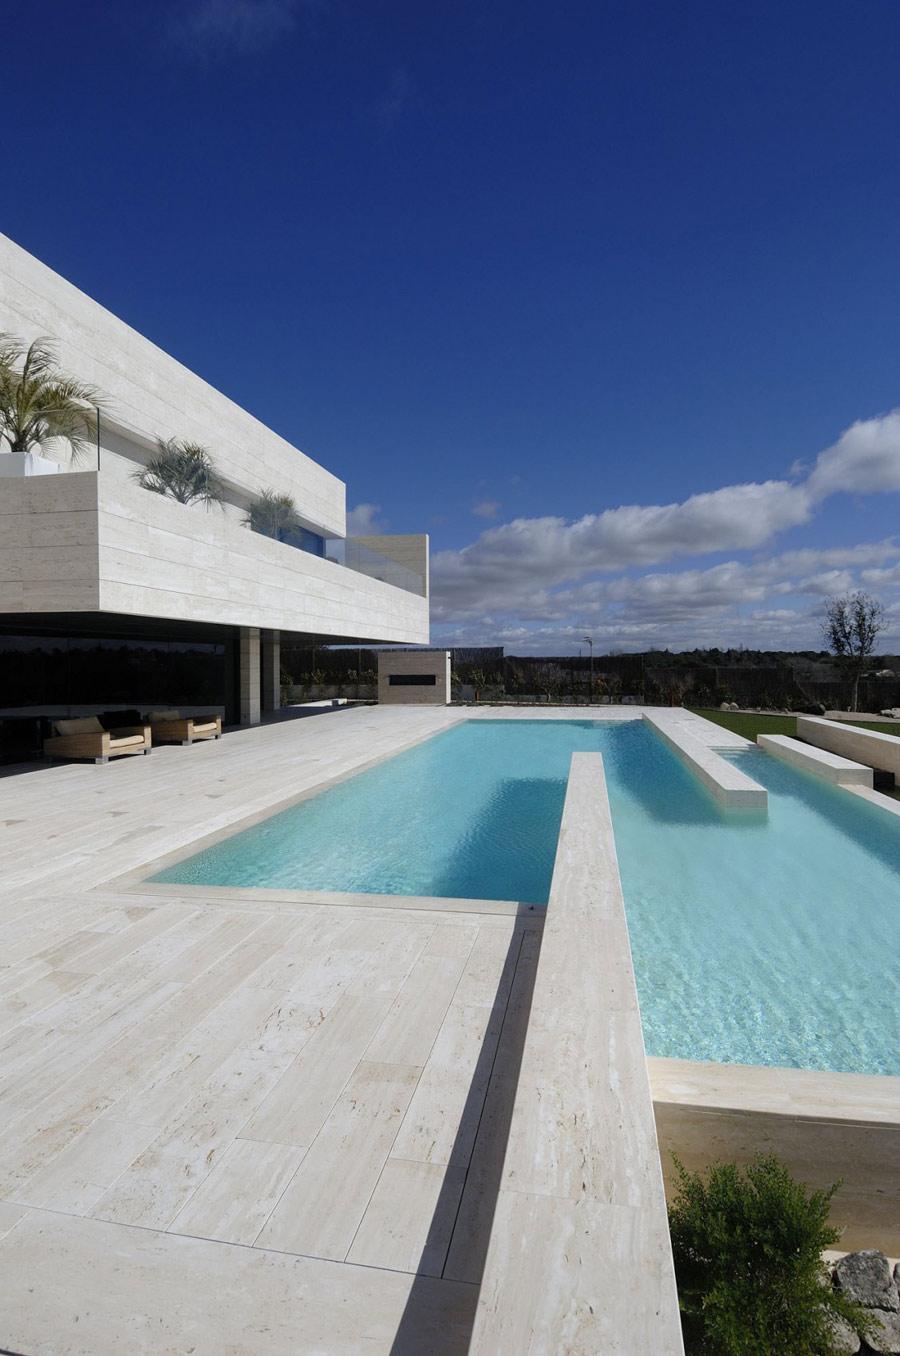 Pool, The Vivienda 19 by A-cero